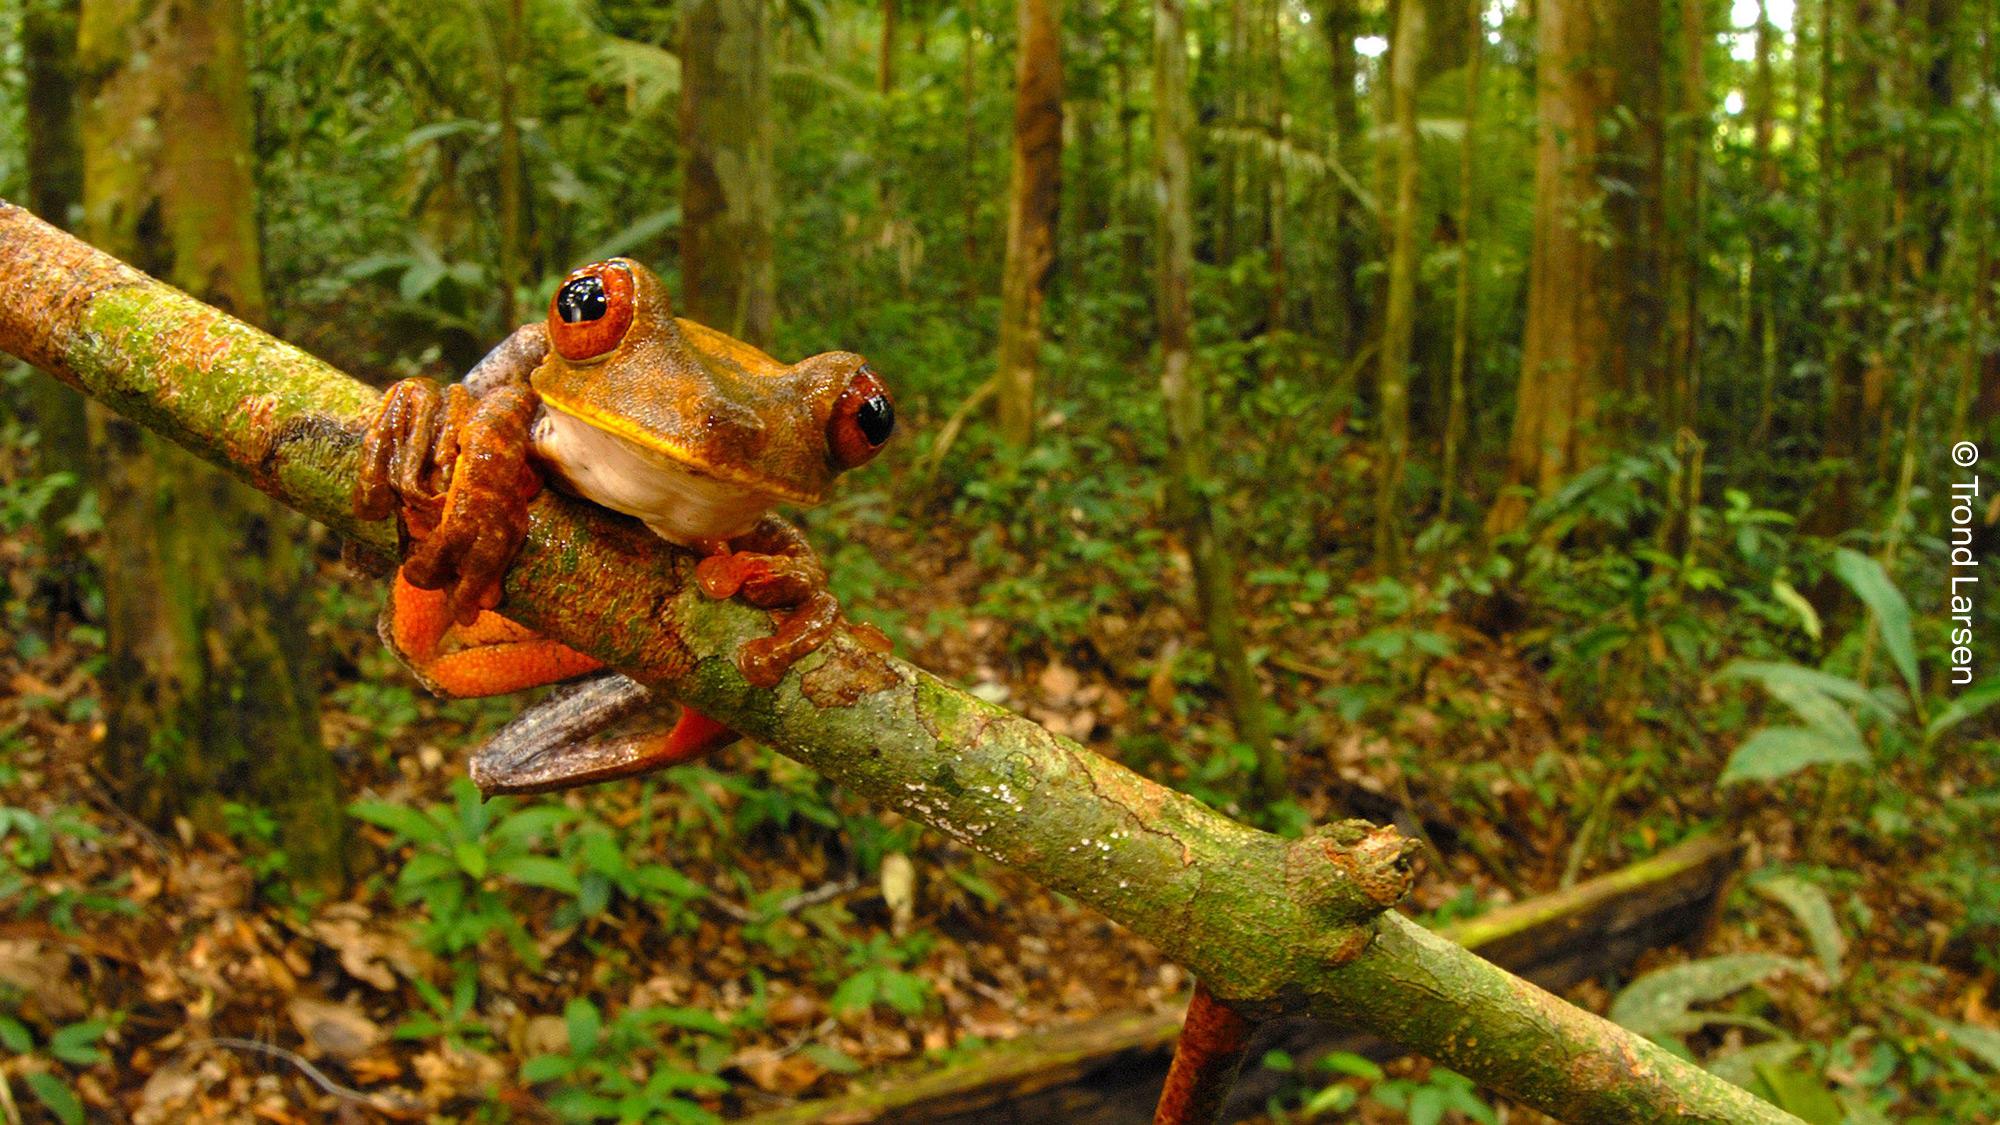 Brezilya'nın Amazon bölgesinde bulunan yerli bir ağaç kurbağası